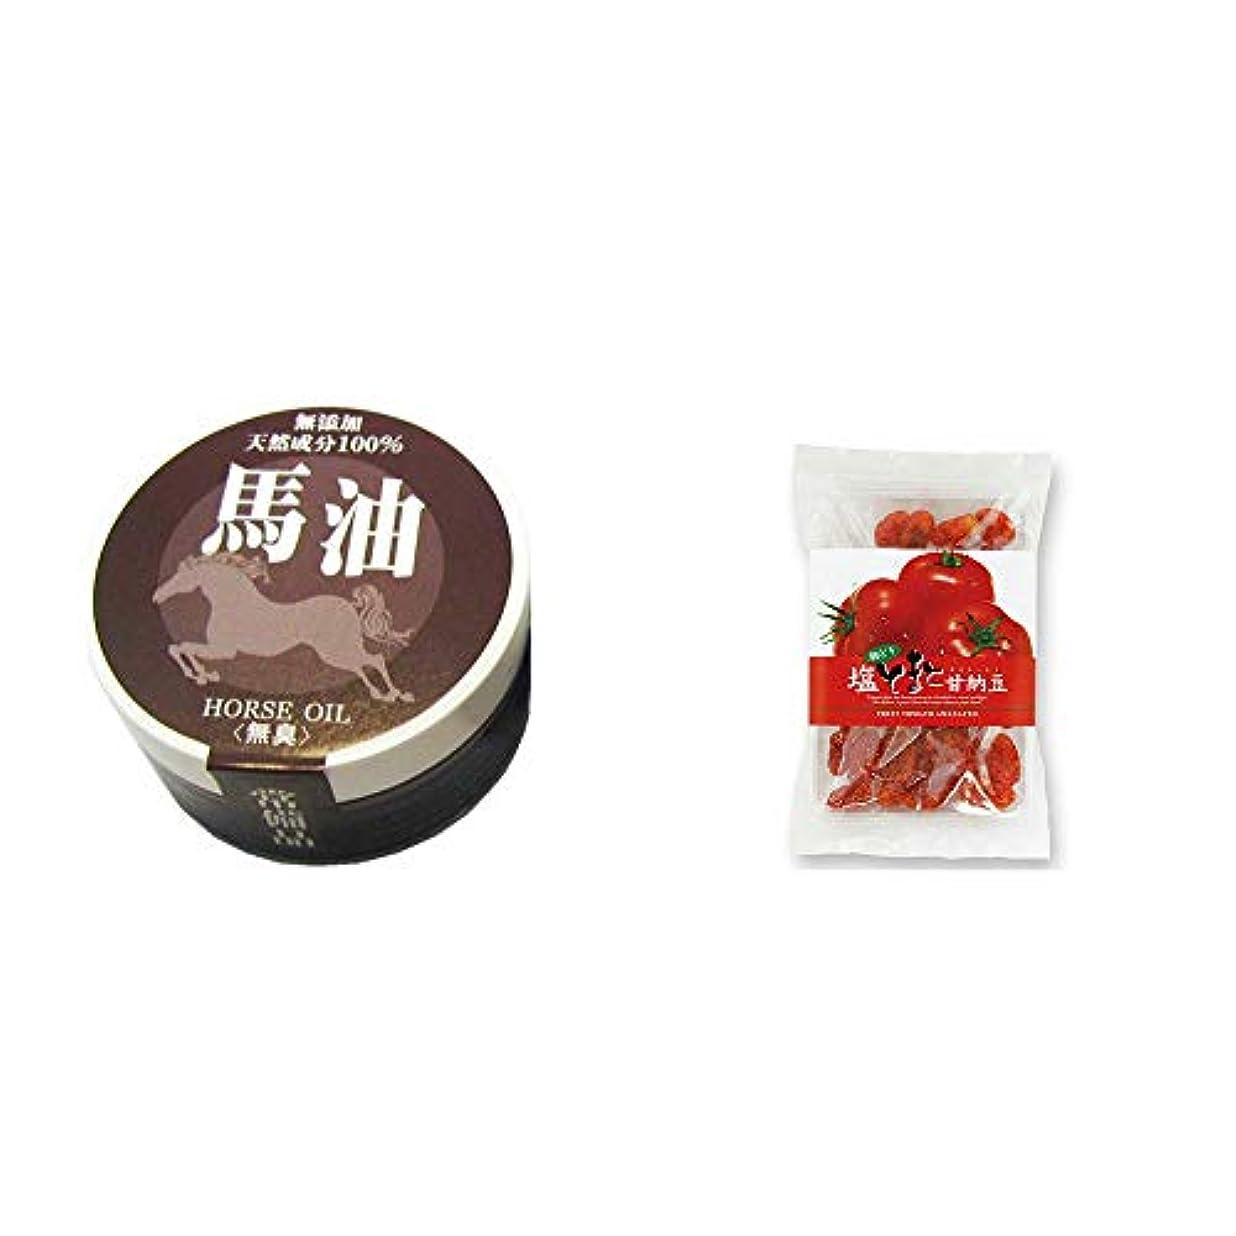 お金ゴム草公爵[2点セット] 無添加天然成分100% 馬油[無香料](38g)?朝どり 塩とまと甘納豆(150g)